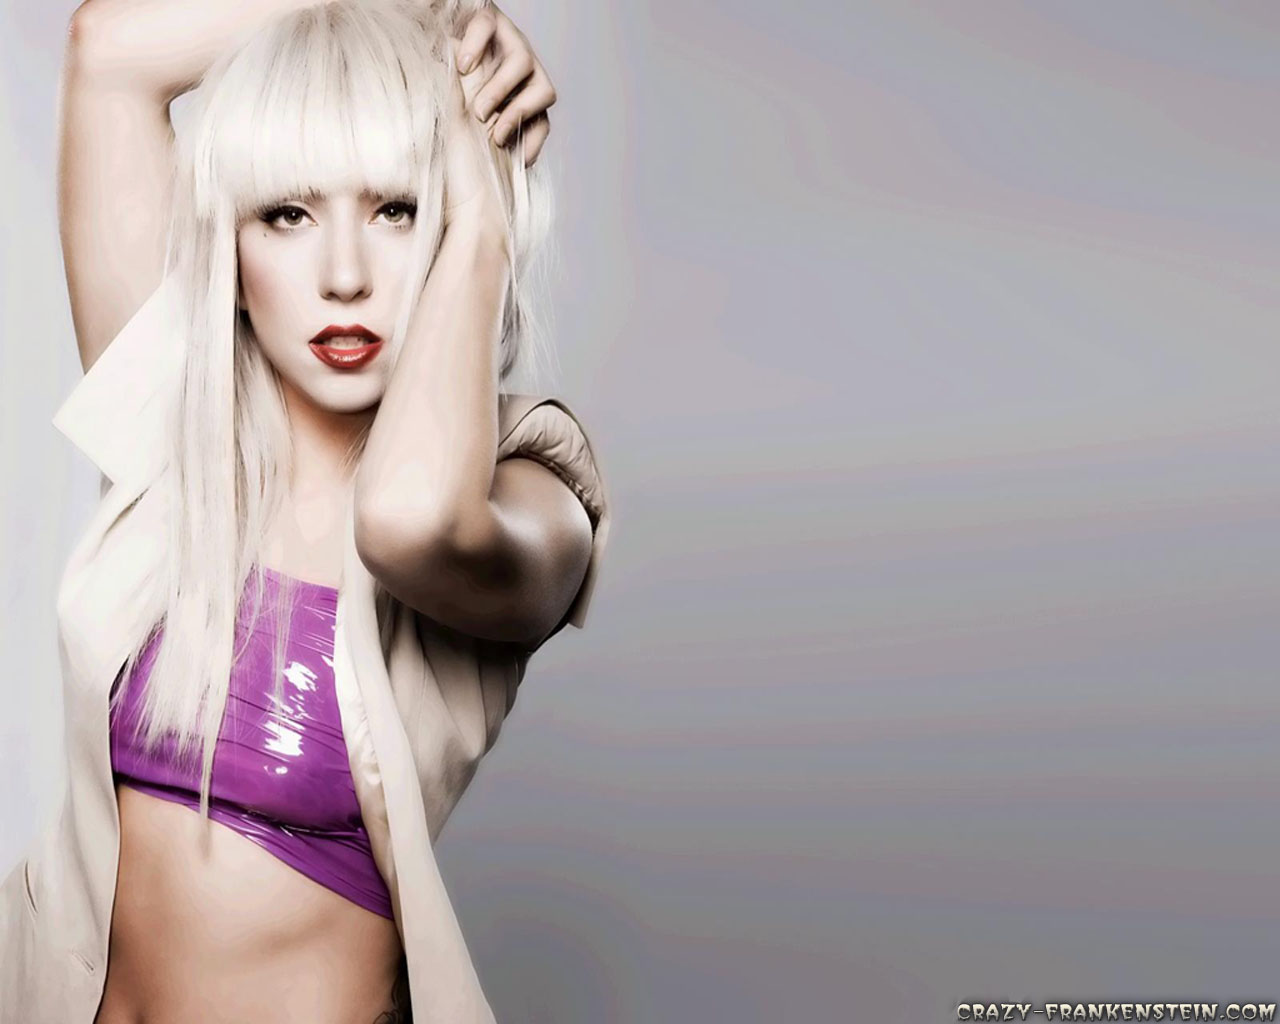 http://3.bp.blogspot.com/-G3TZMF2qKVI/TlUDPg_90tI/AAAAAAAAARM/OWmRlTCniaQ/s1600/Lady-Gaga-Wallpaper-2011-22.jpg